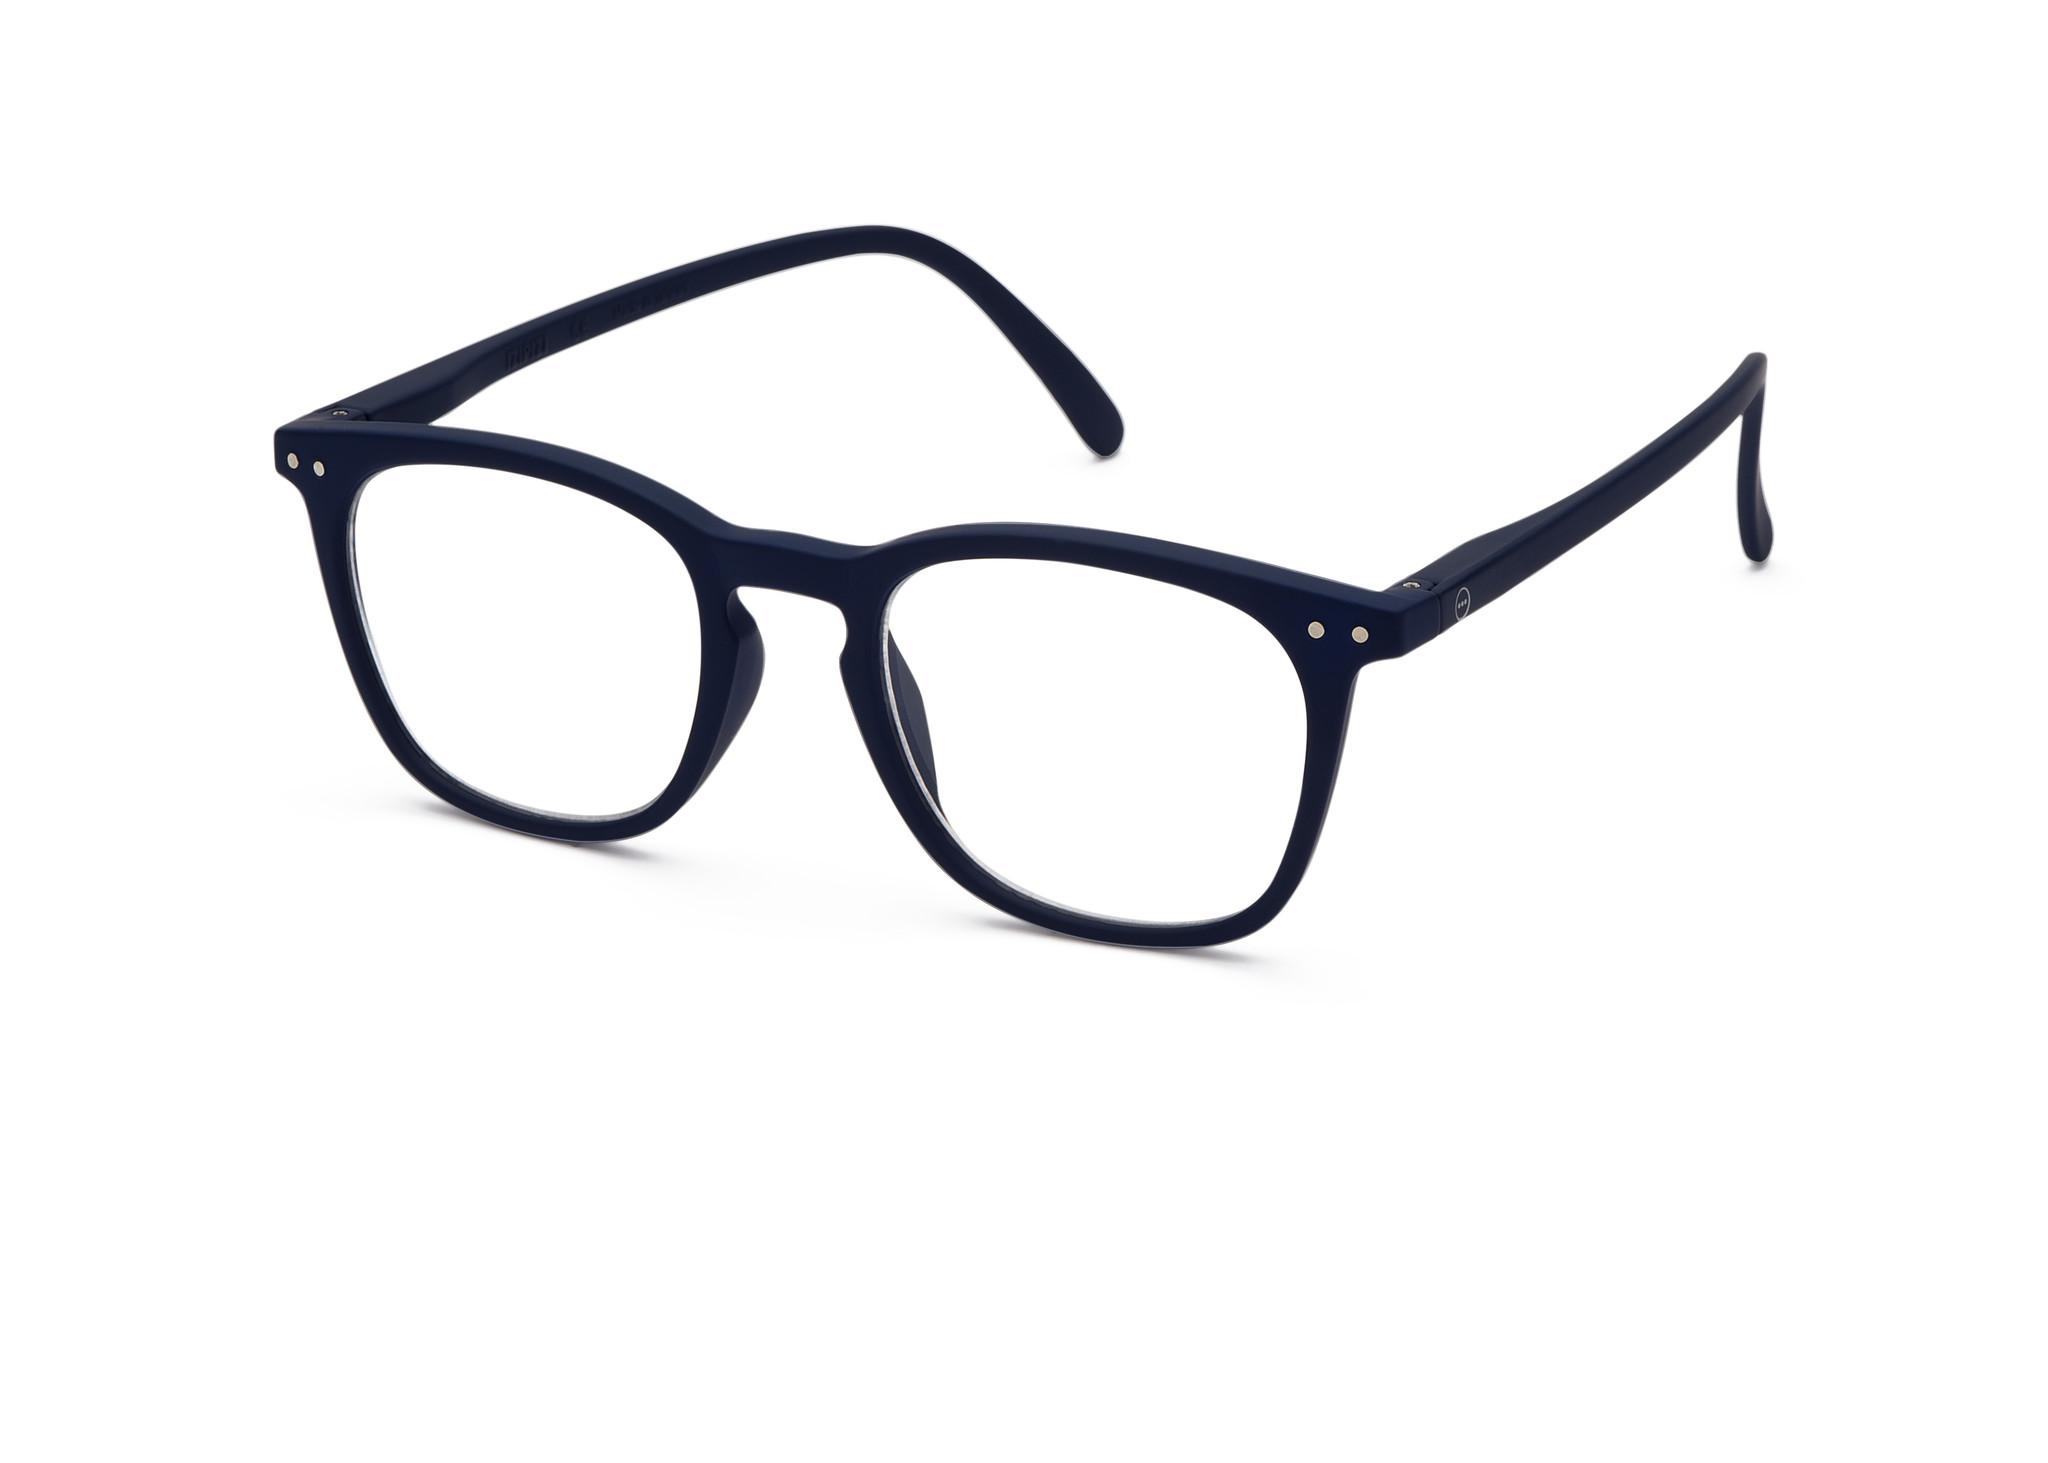 Izipizi leesbril model E Navy Blue-3